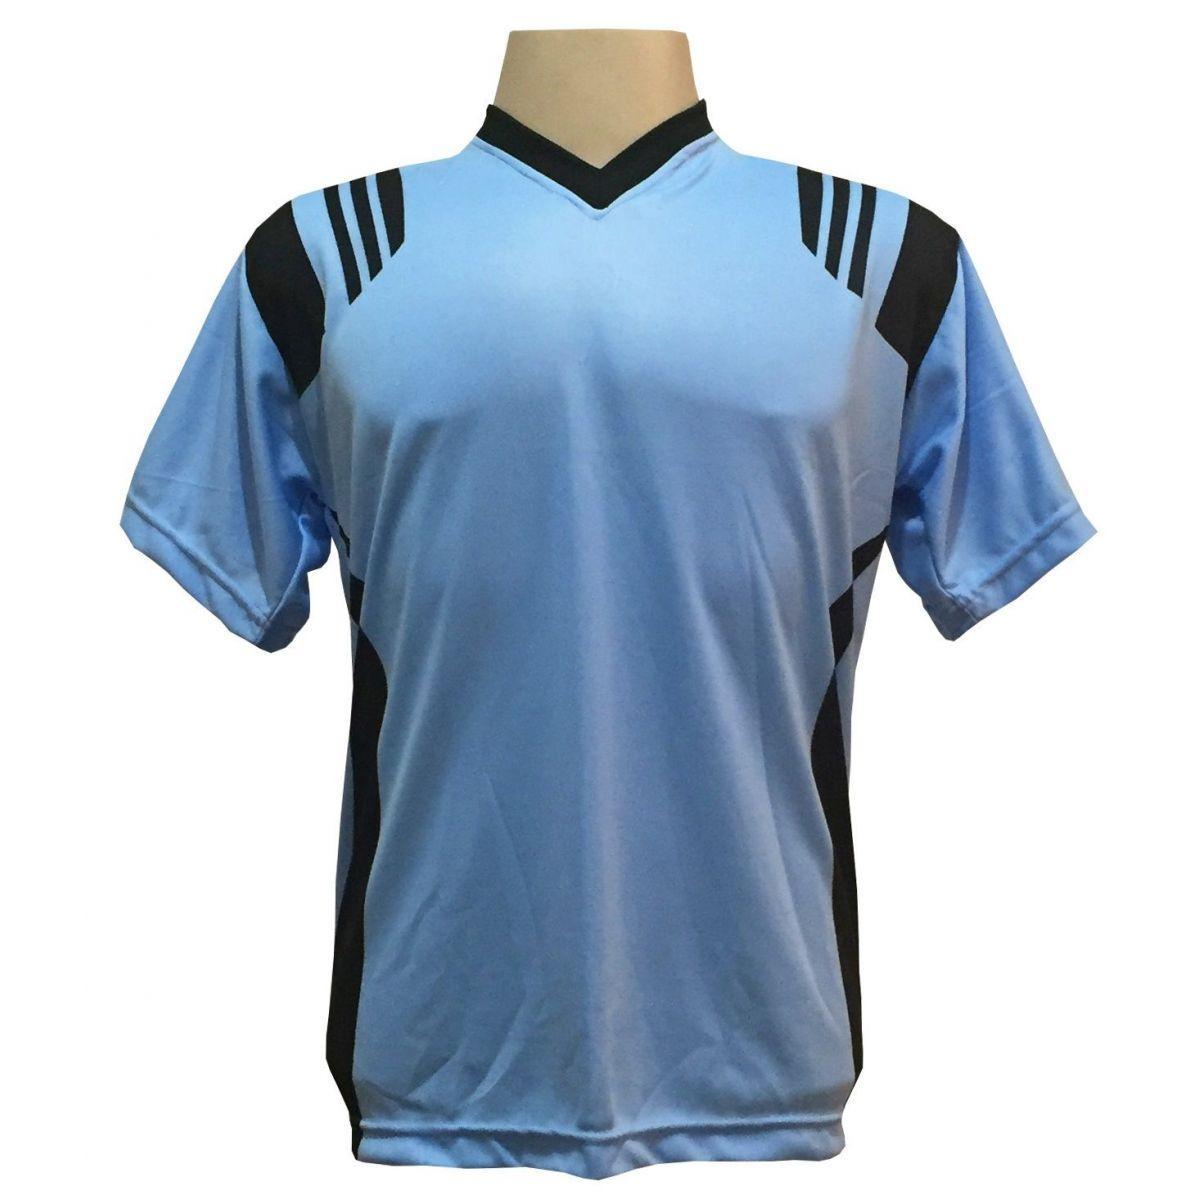 Jogo de Camisa com 12 unidades modelo Roma Celeste/Preto + 1 Goleiro + Brindes